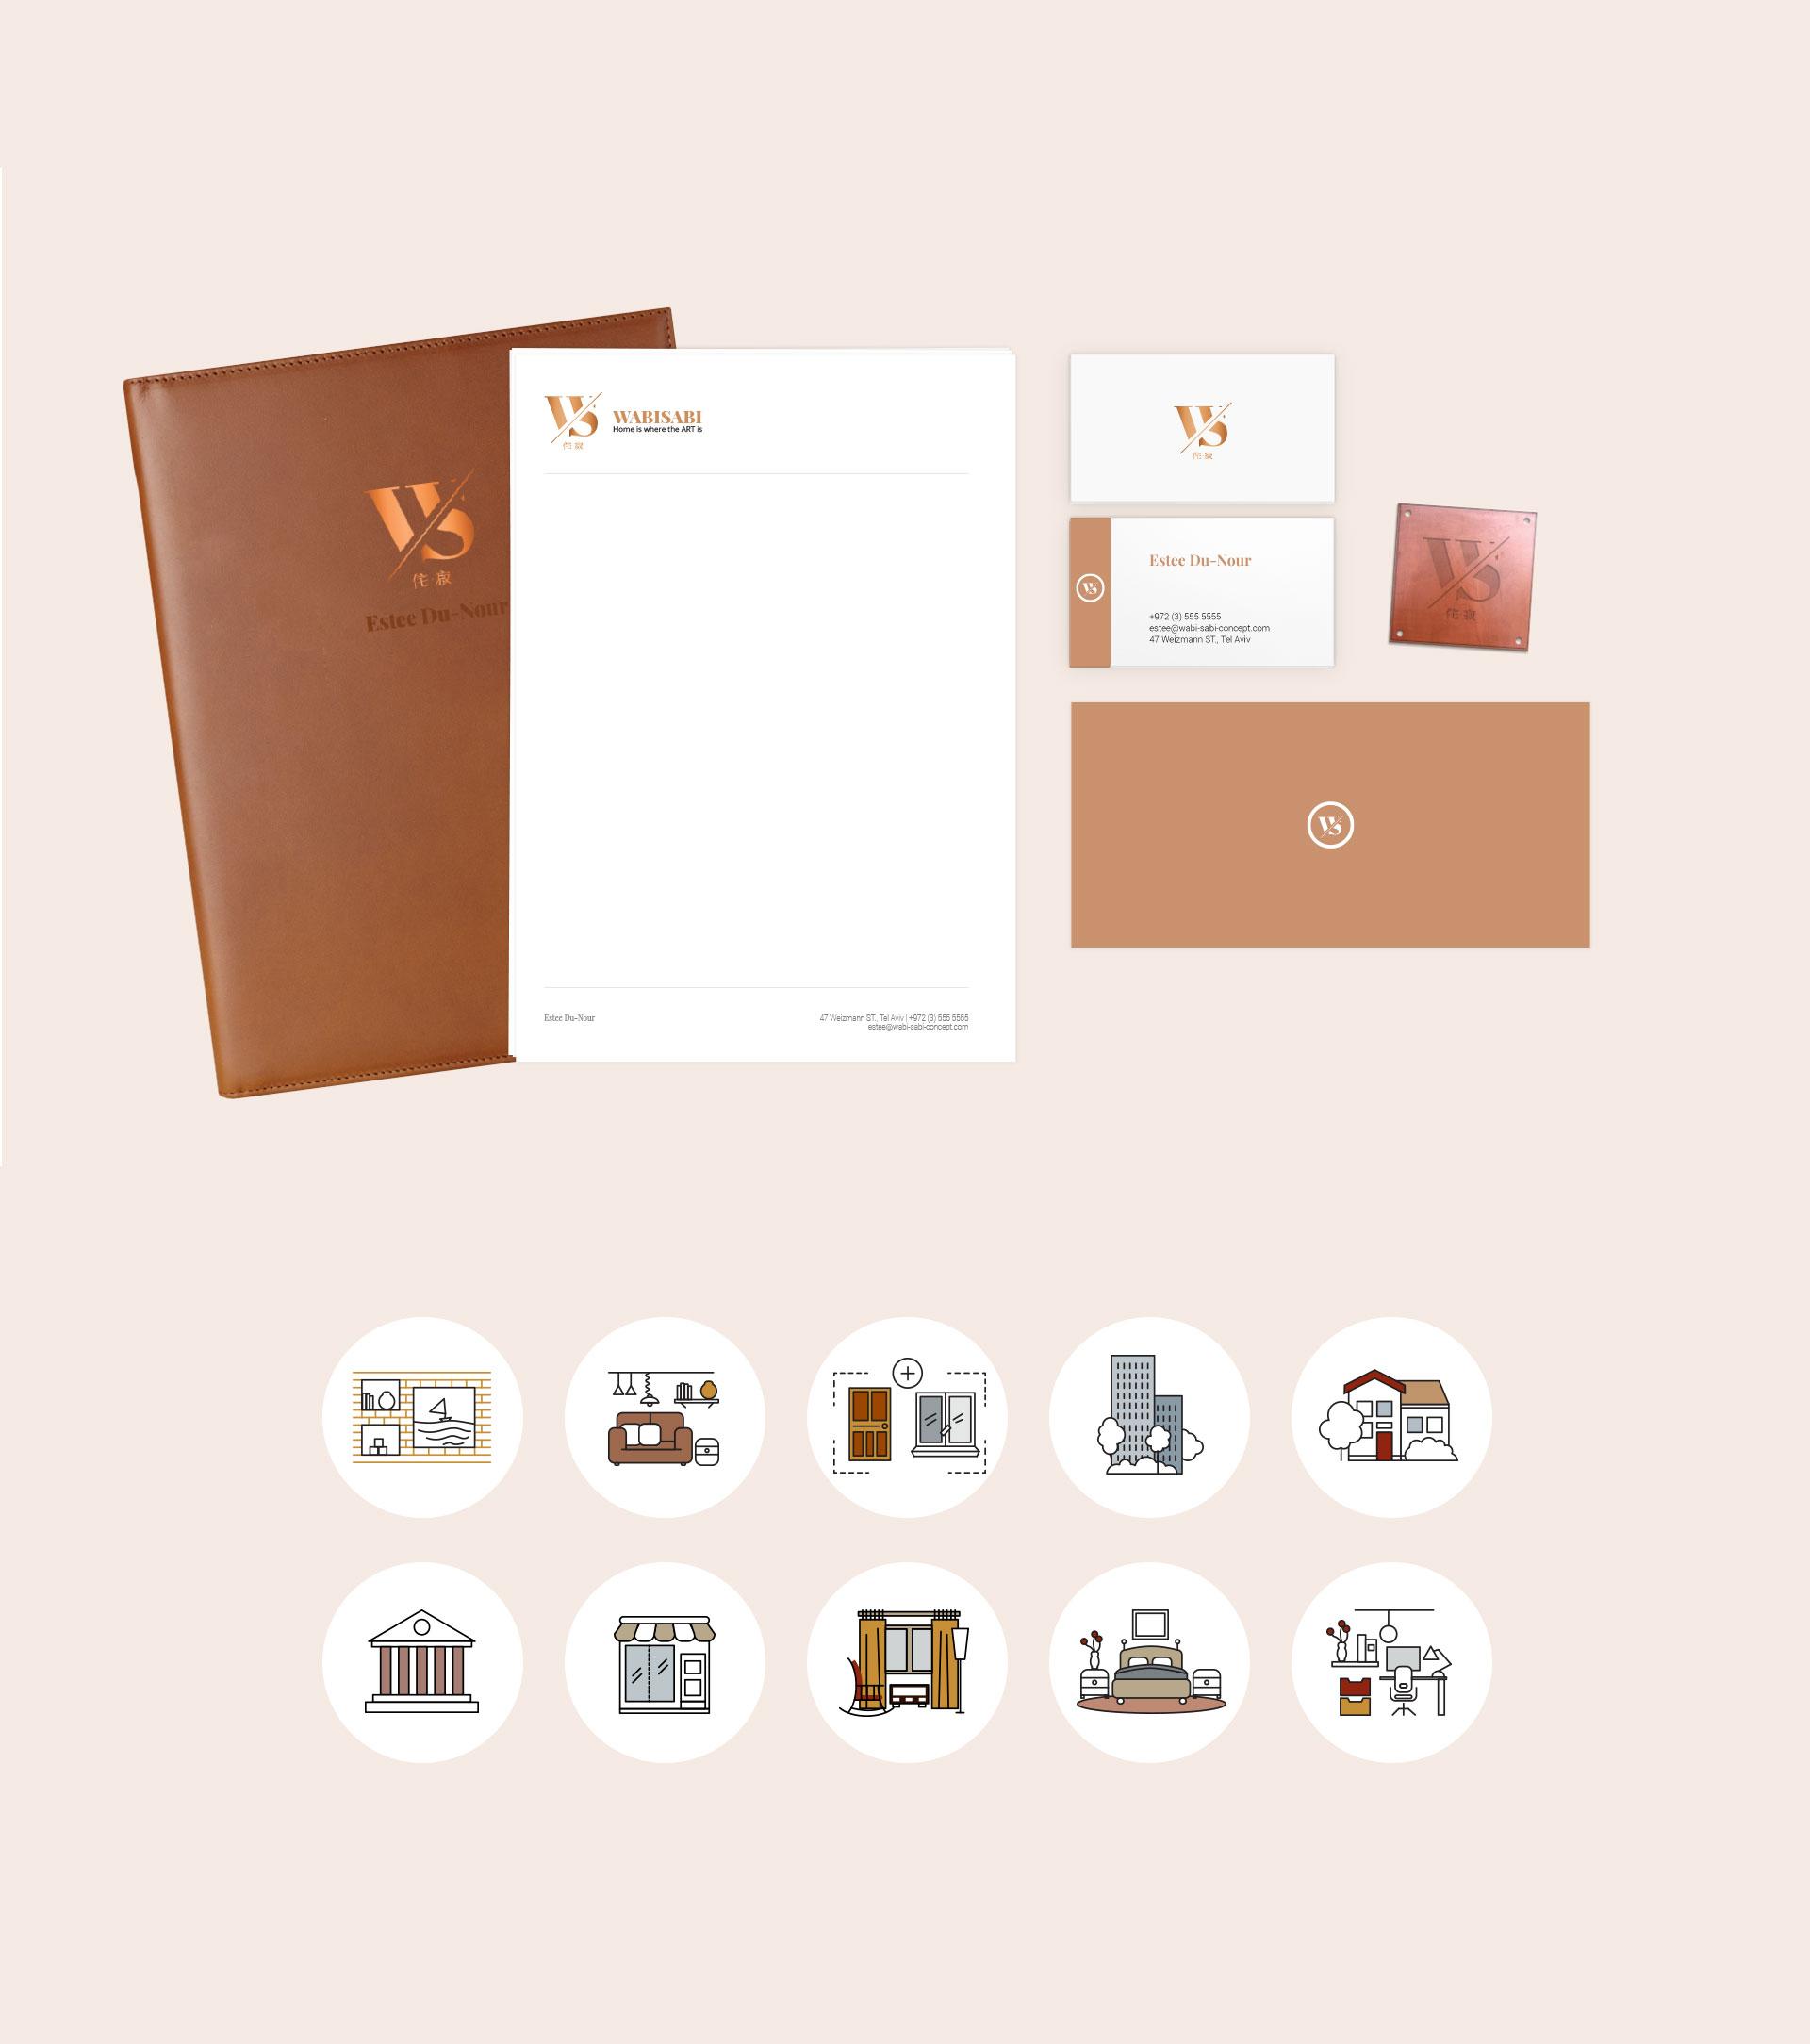 Branding stationary icon design interior design מיתוג ניירת עיצוב אייקונים מעצבת פנים Wabi Sabi